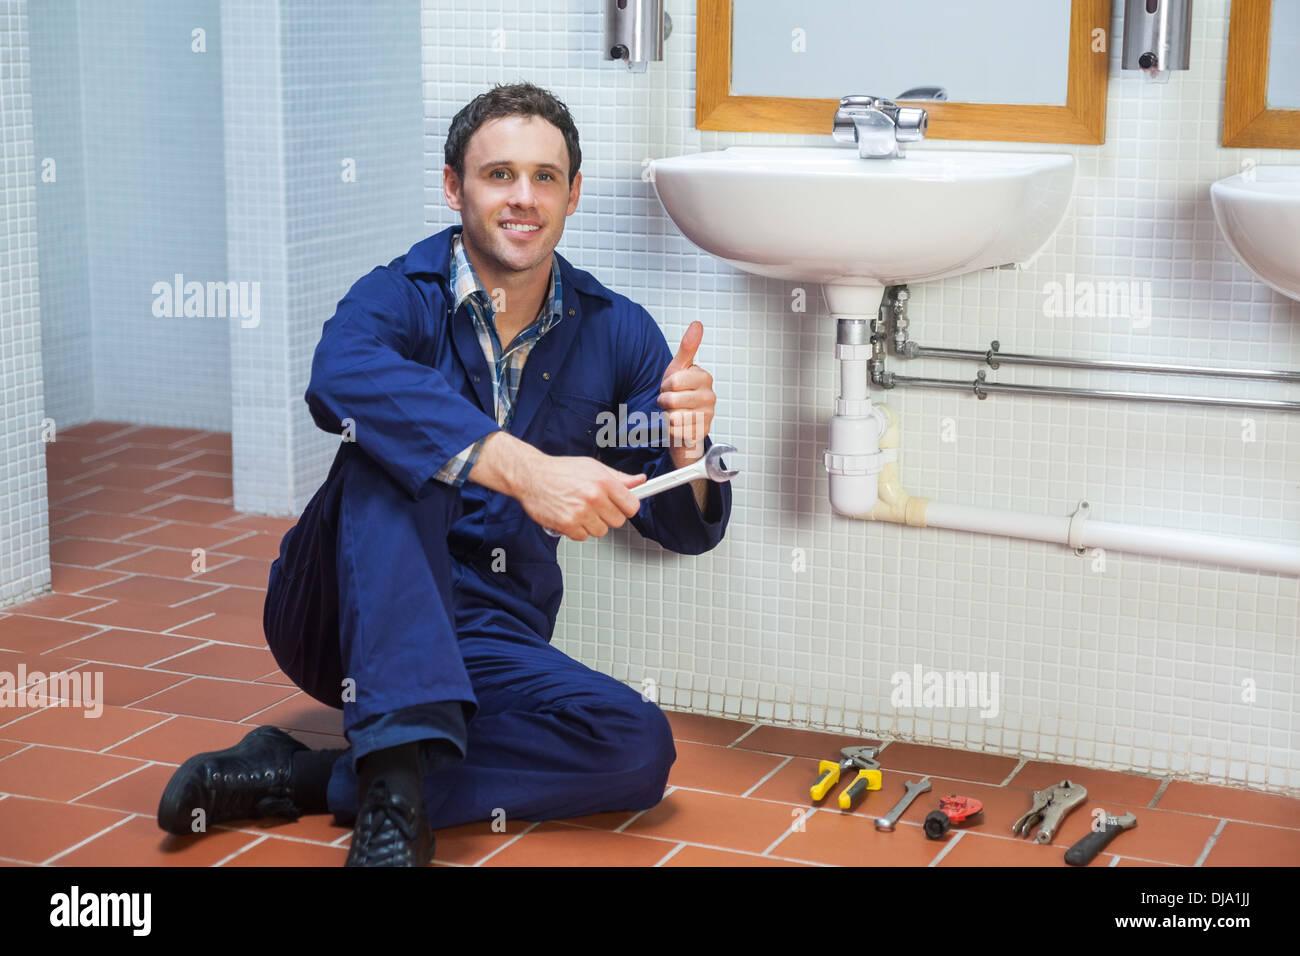 Guapo fontanero feliz sentado junto al fregadero mostrando pulgar arriba Imagen De Stock